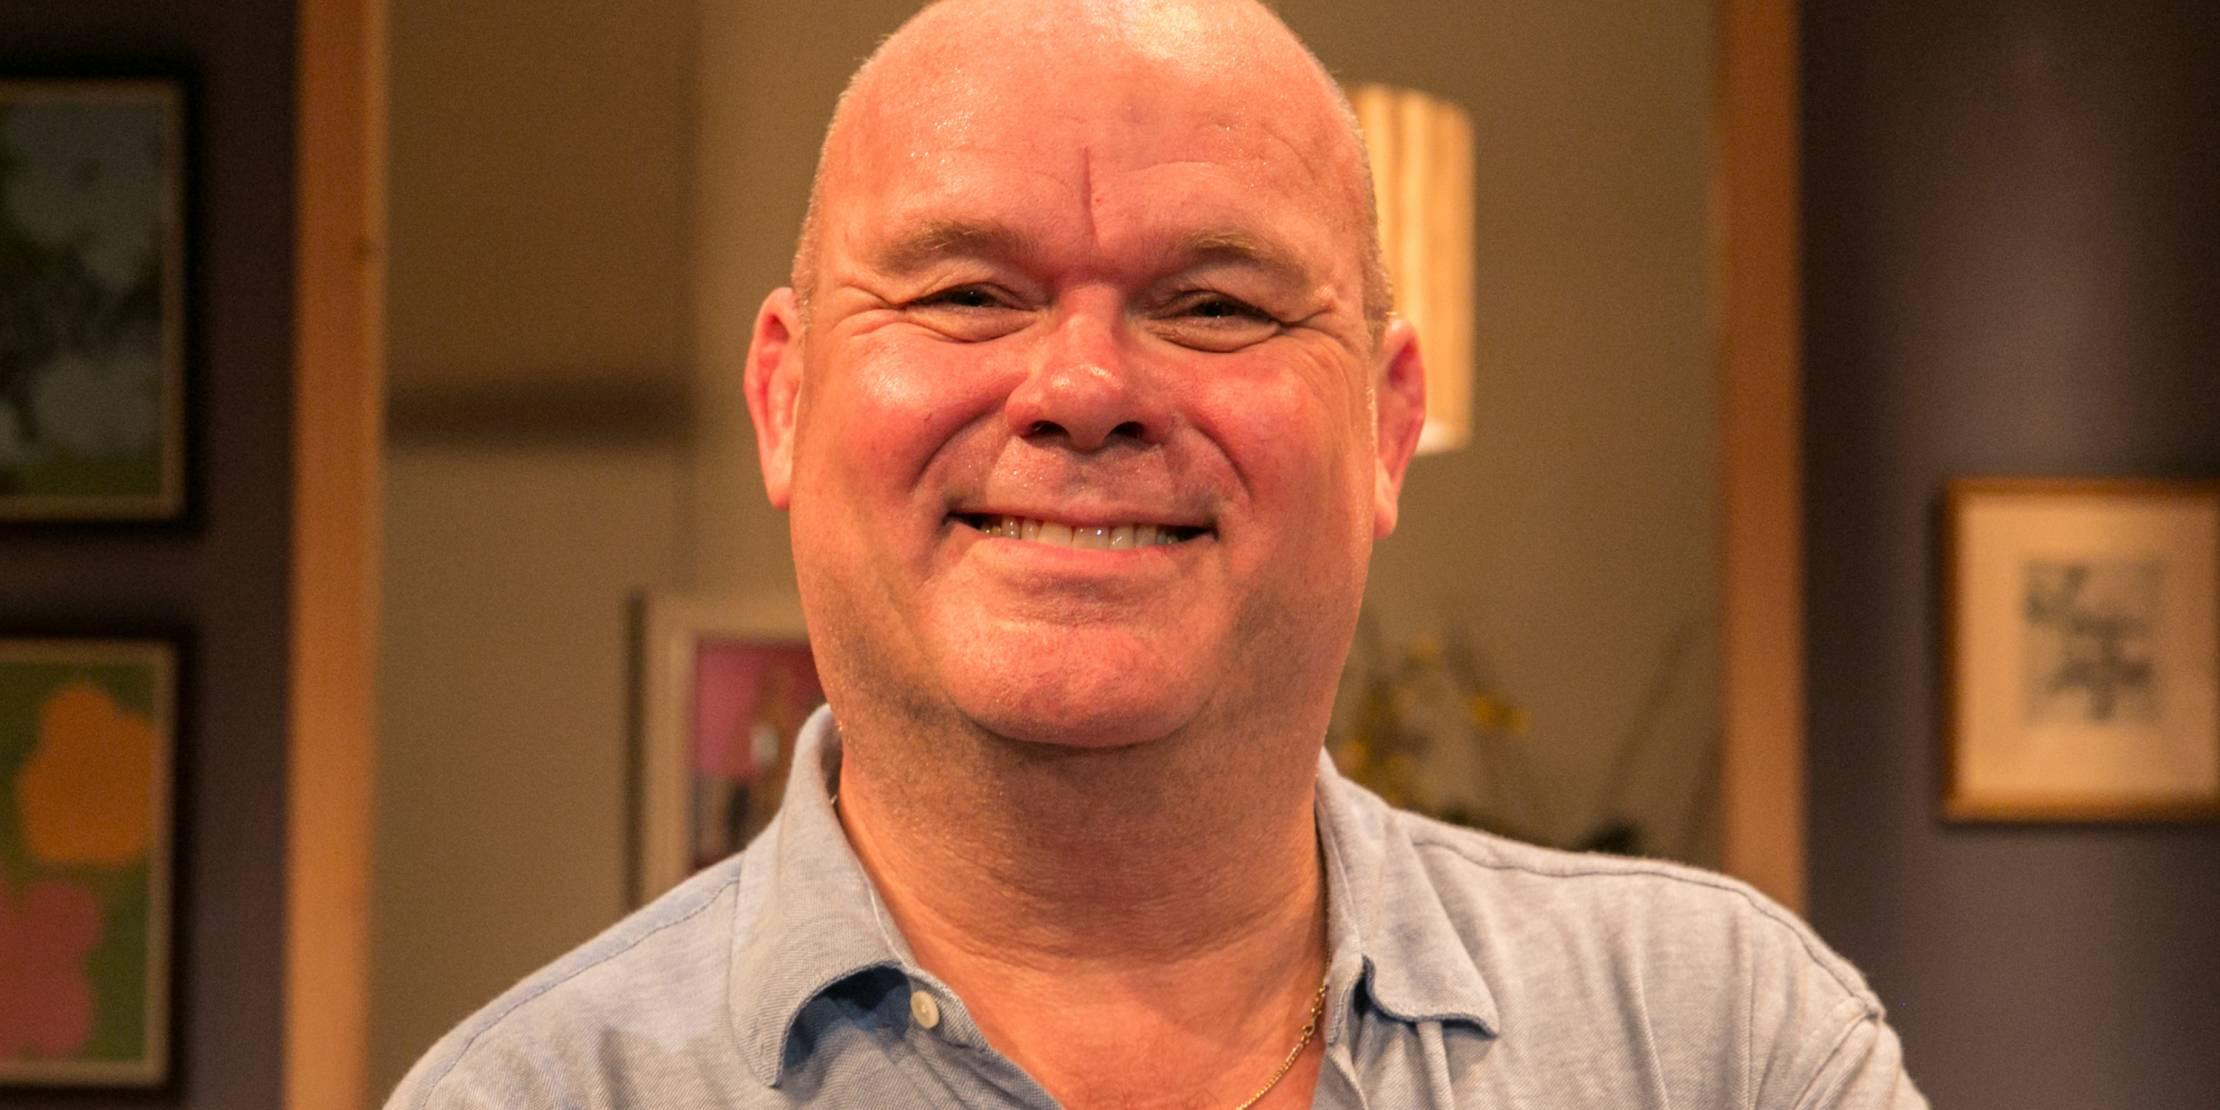 Paul De Leeuw High